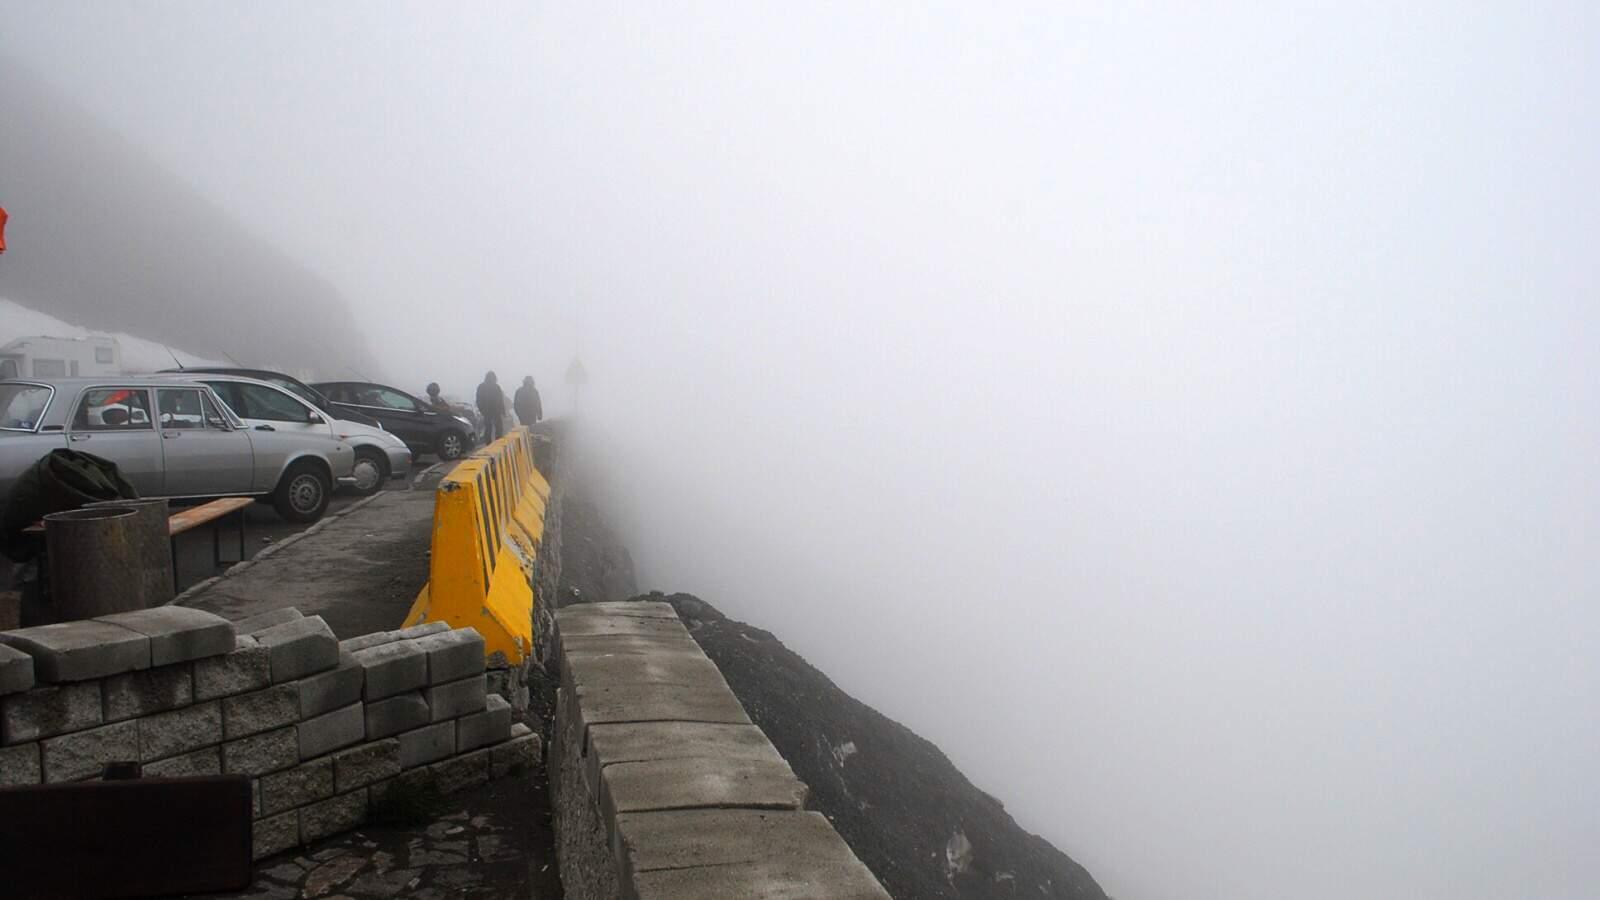 Výhled ze Stelvio Pass do mraků